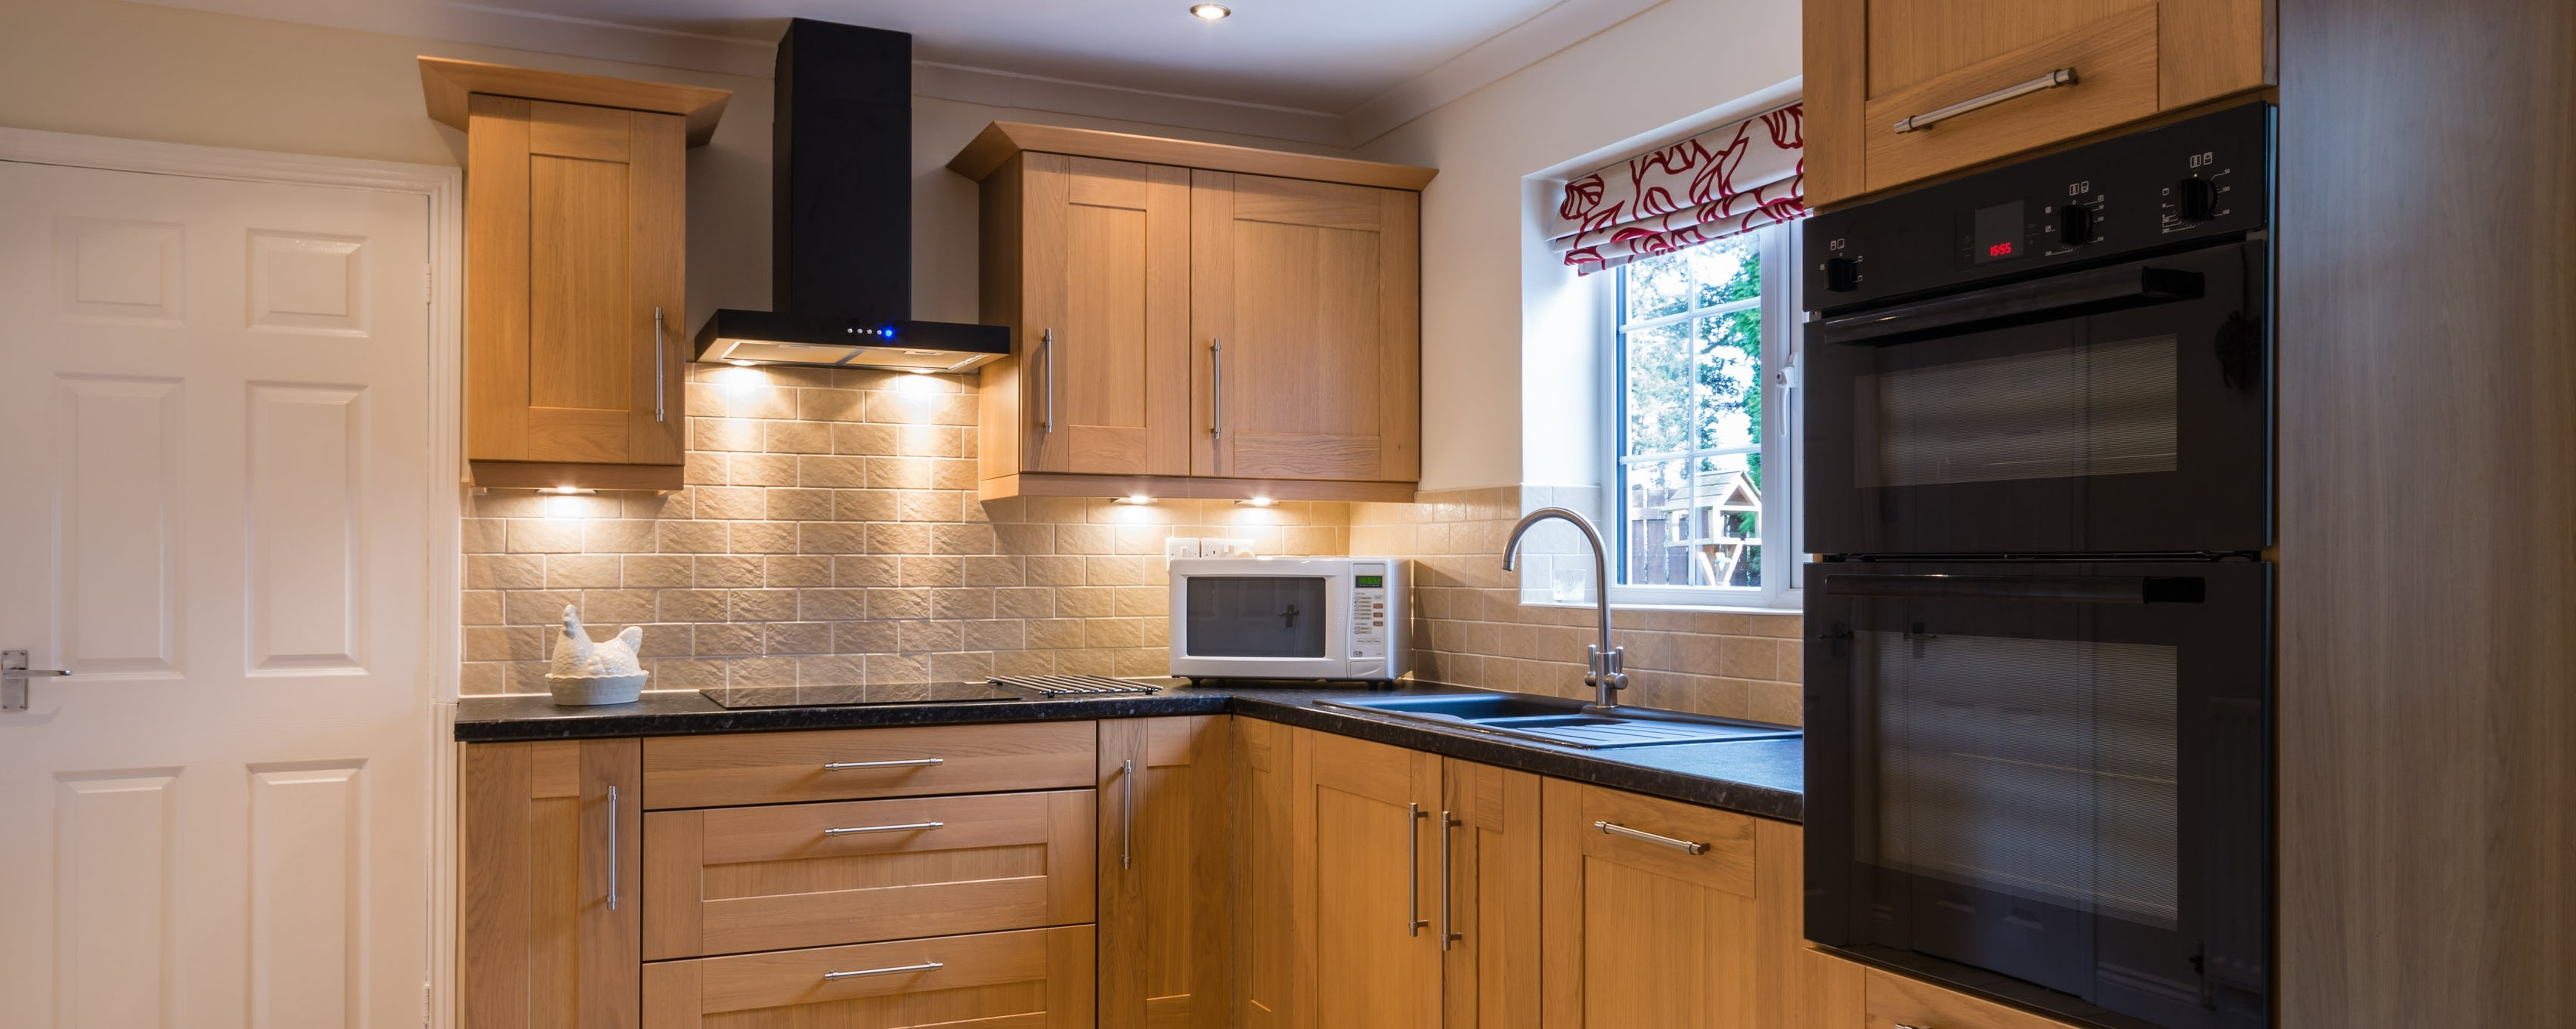 Repeindre une cuisine rustique : la rénovation de vos meubles en chêne